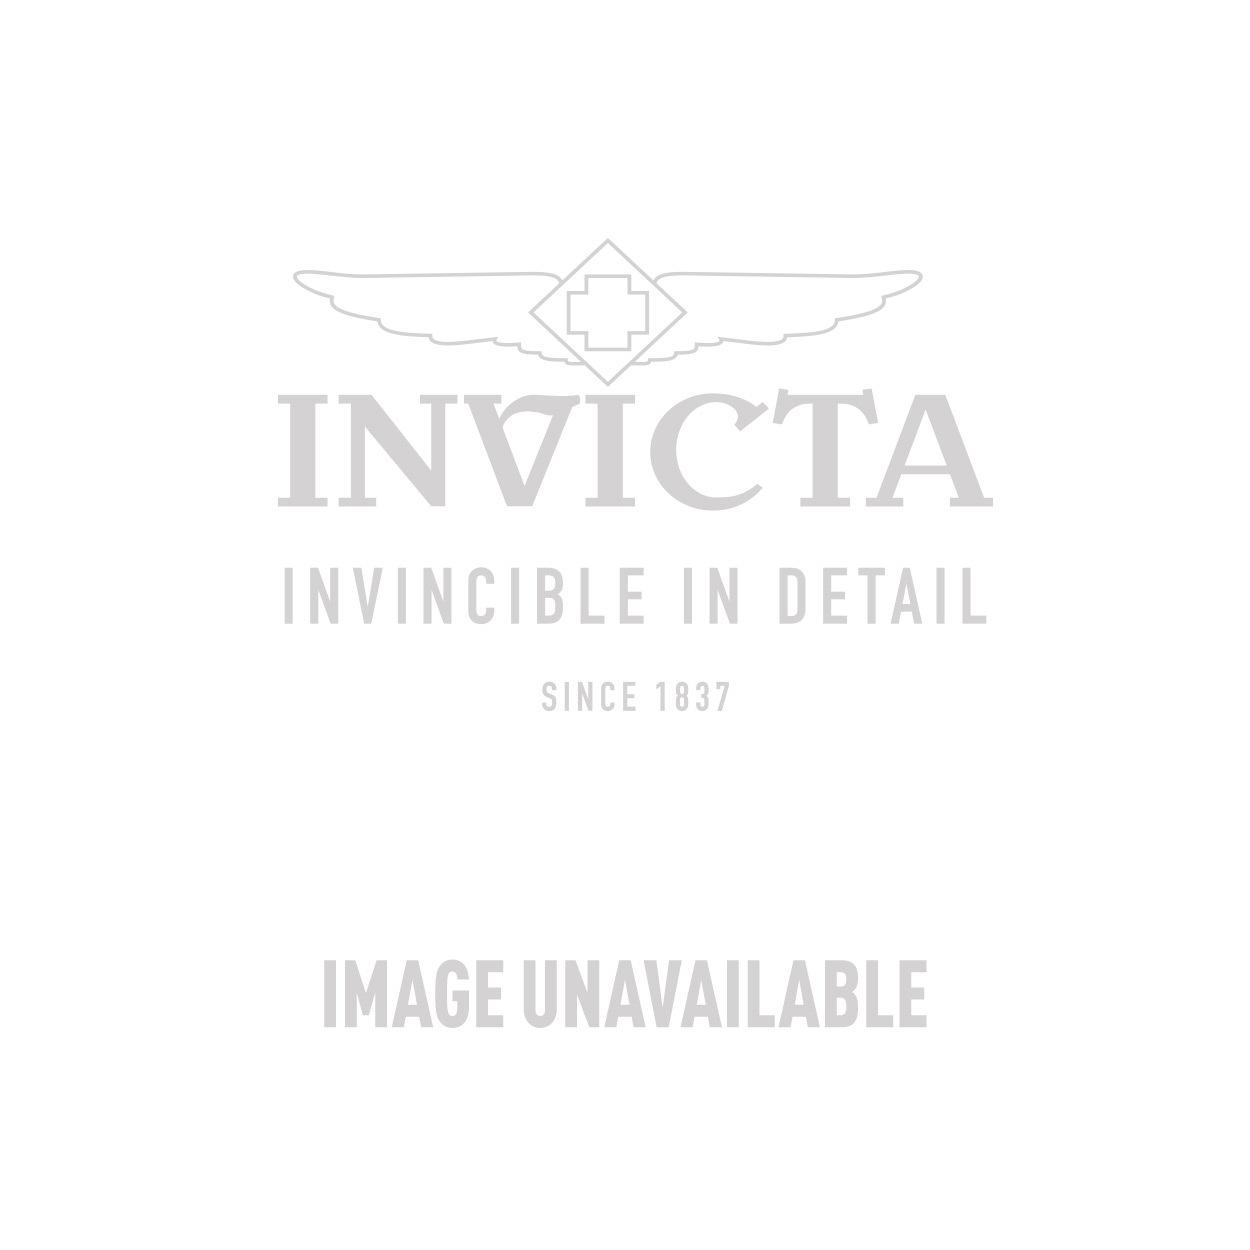 Invicta Pro Diver Automatic Watch - Black case with Black, Greenish Blue tone Silicone band - Model 20207